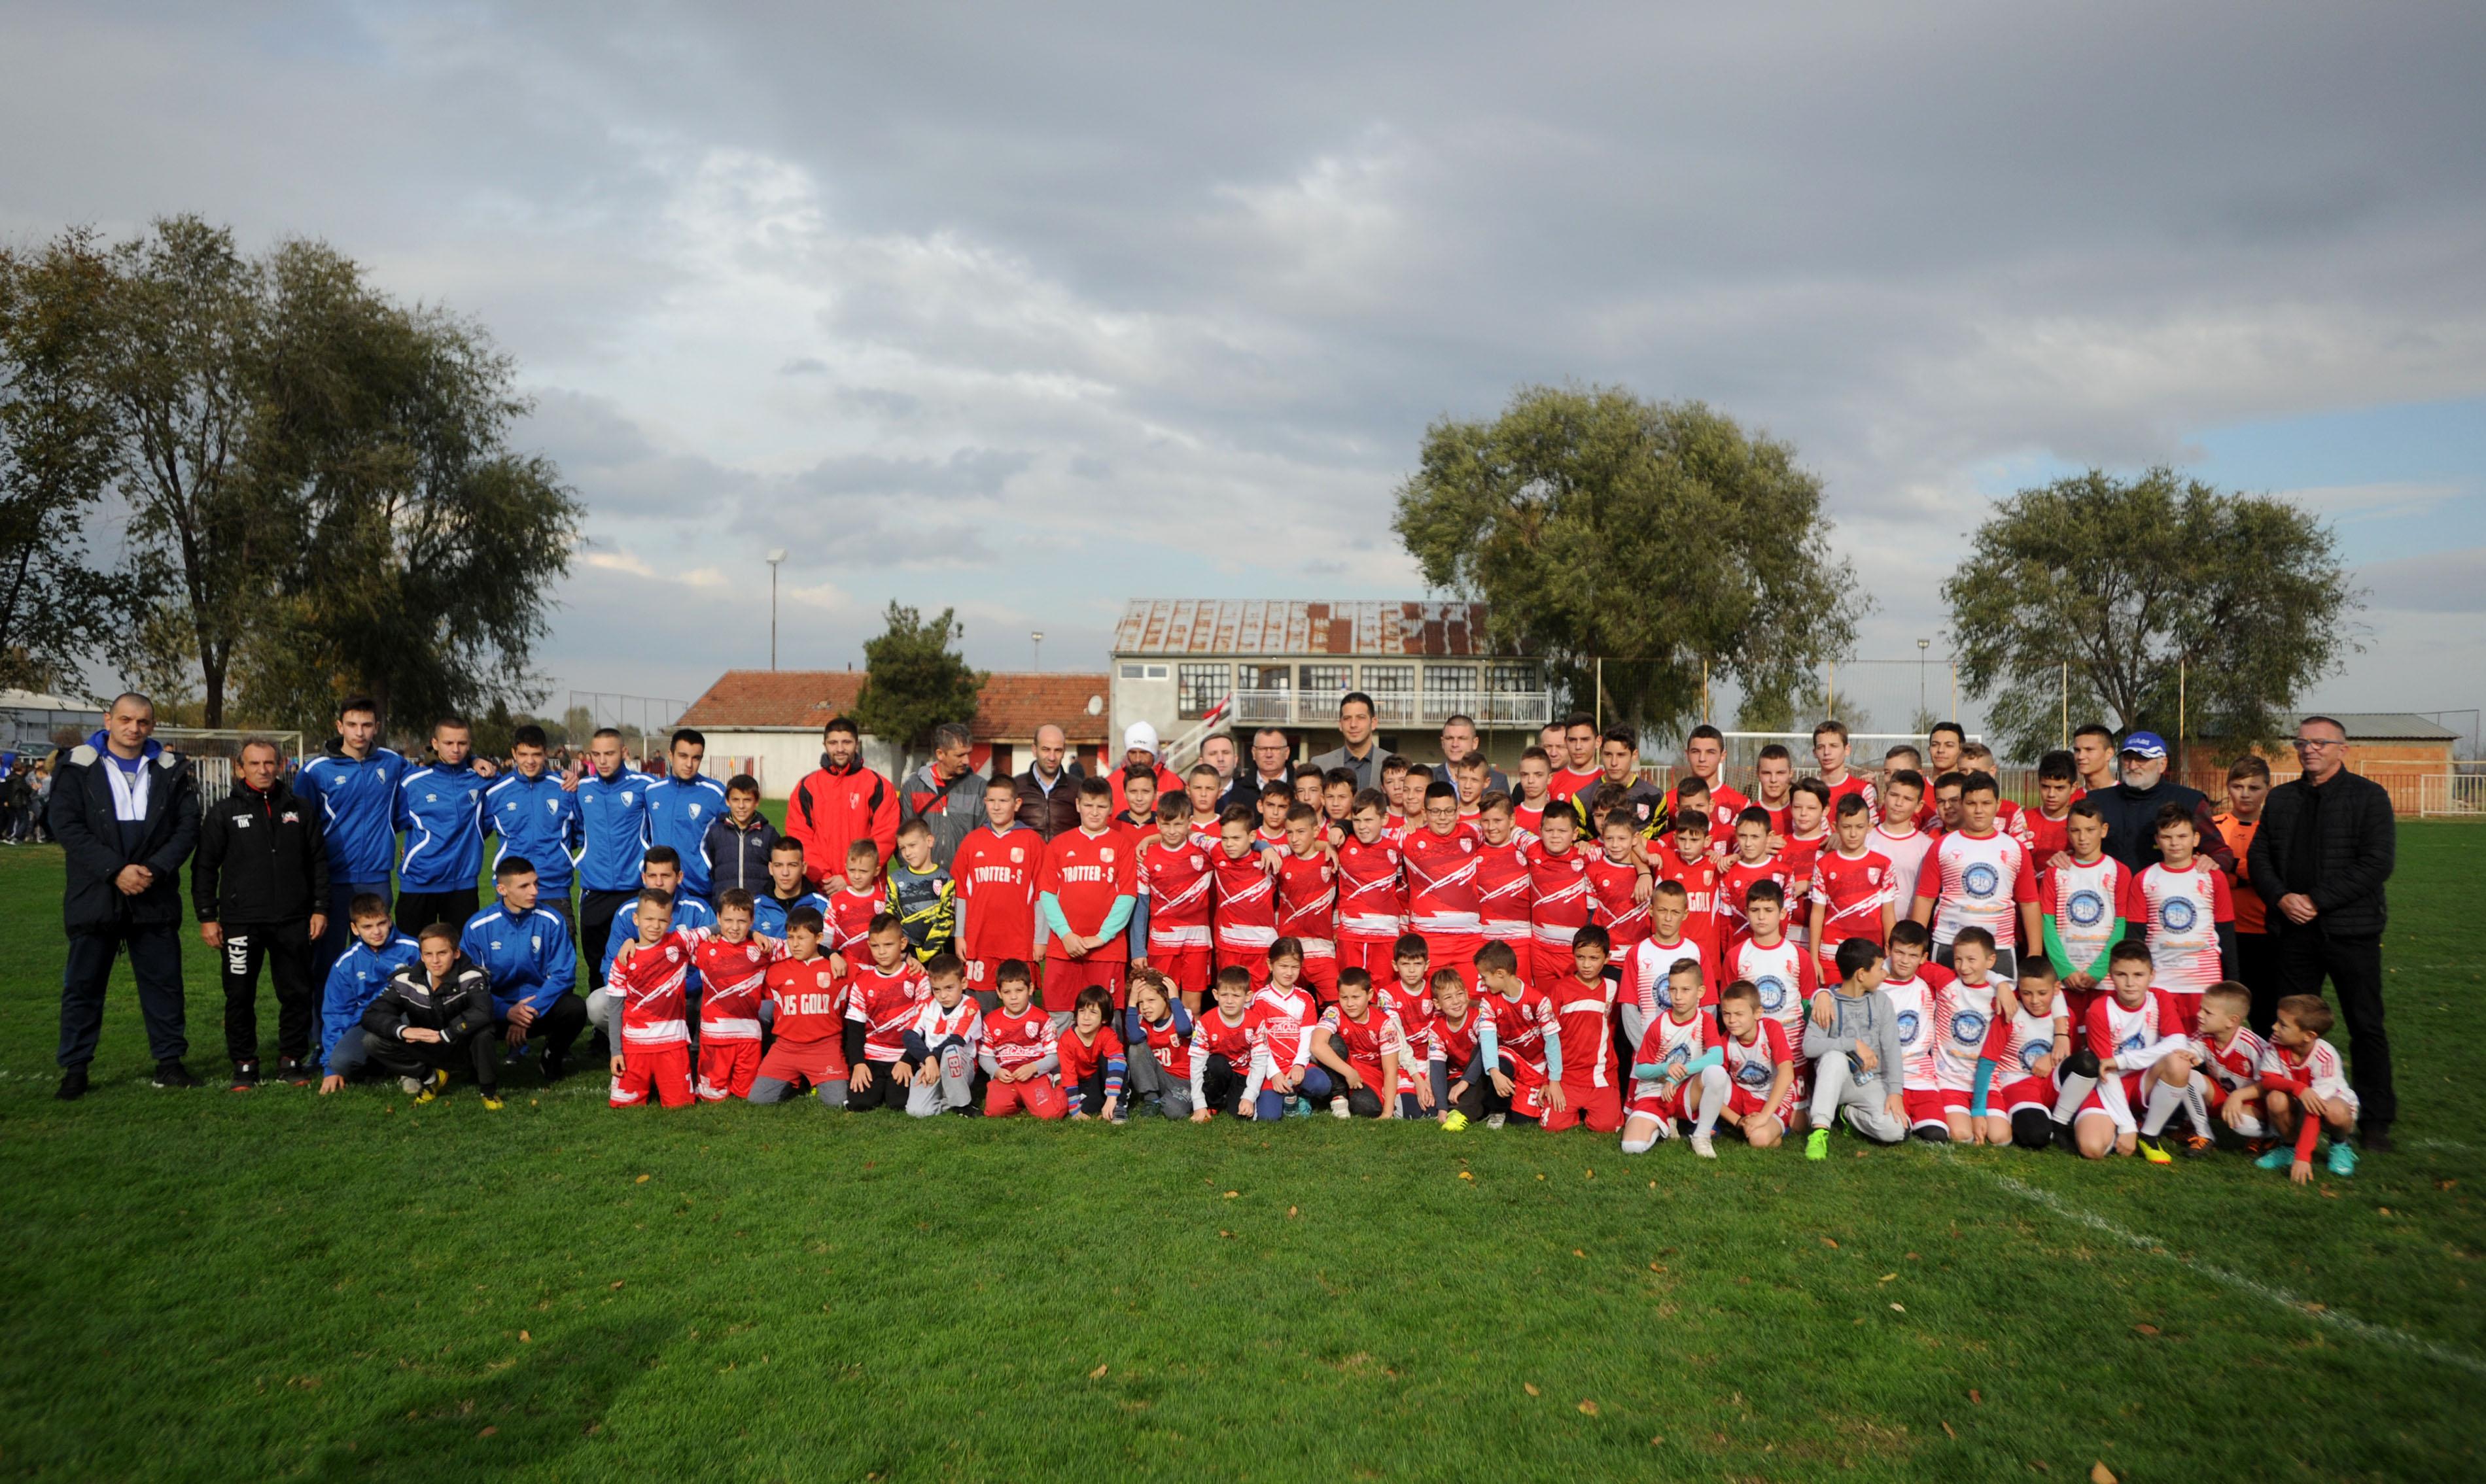 Министар Удовичић посетио општину Жабаљ, дружио се са младим спортистима и школи и клубовима уручио спортску опрему